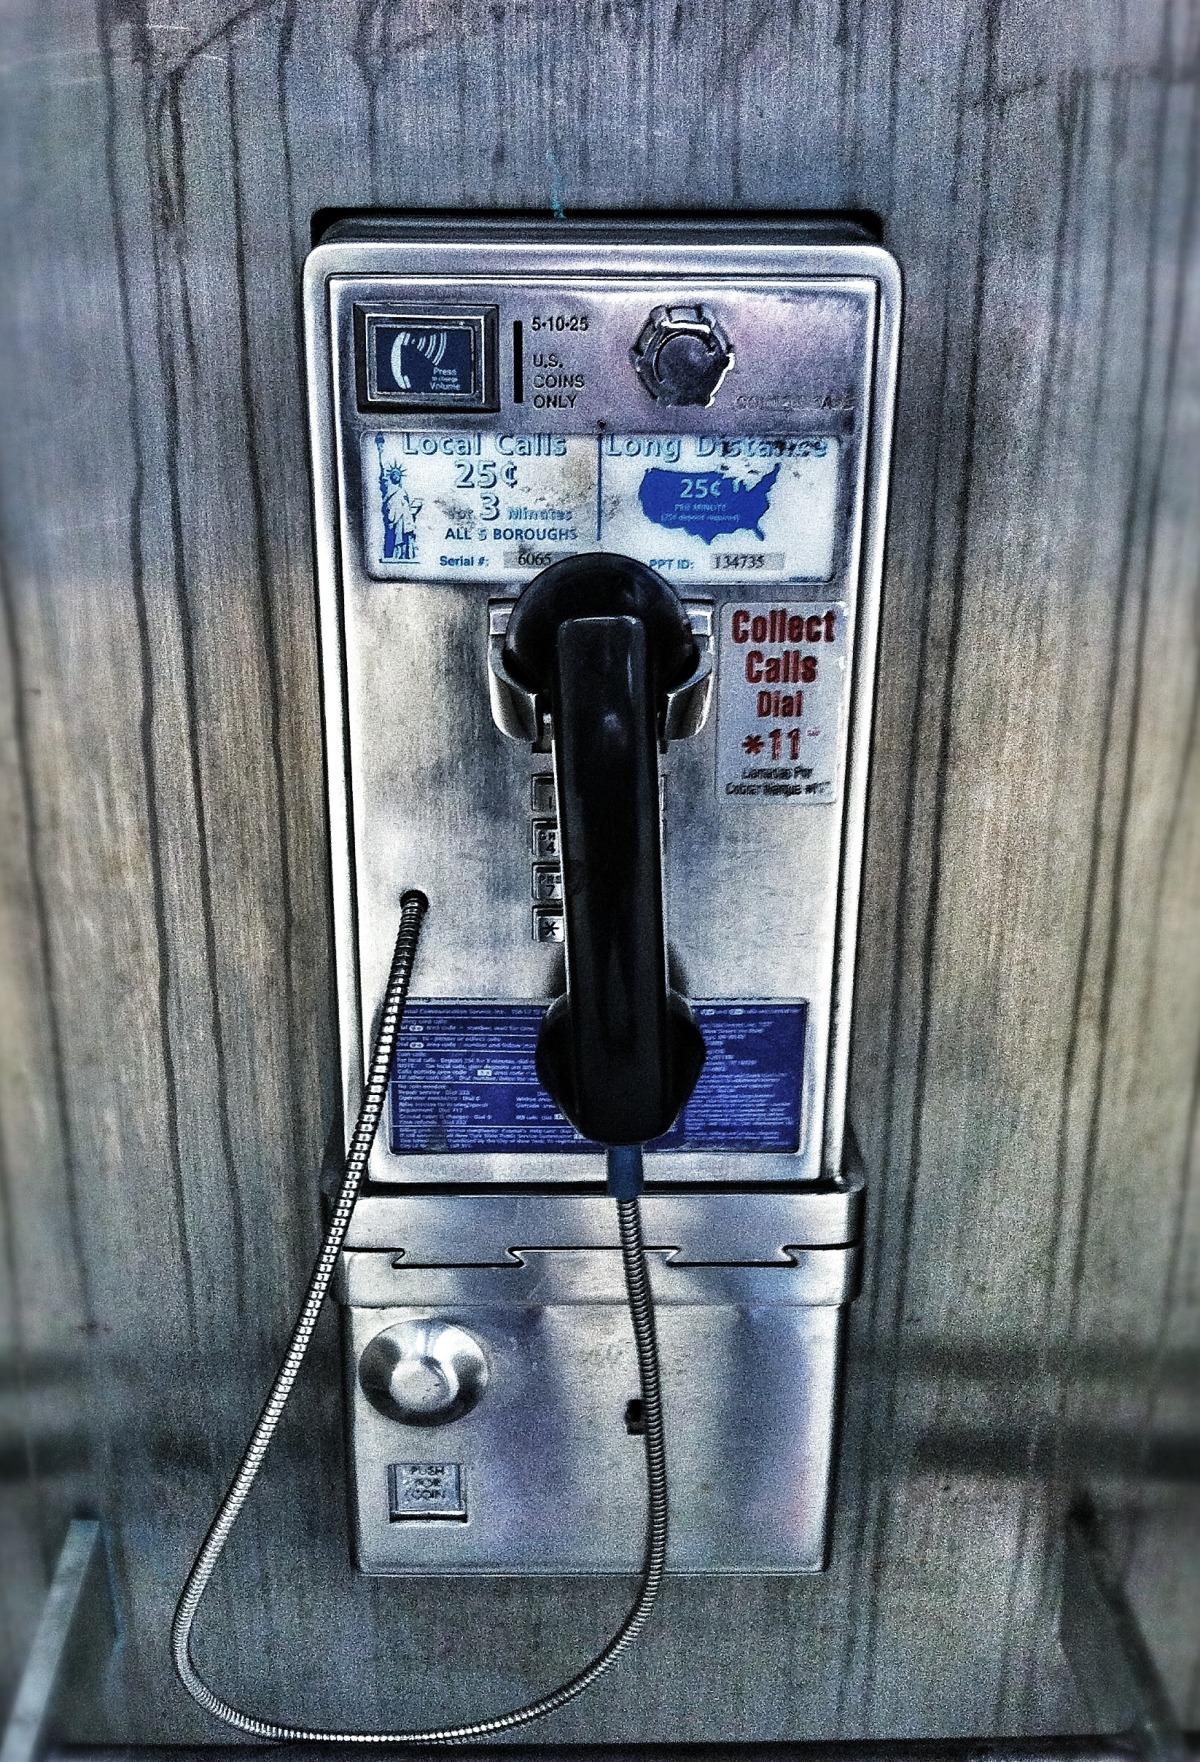 payphone export july 2012 3.jpg